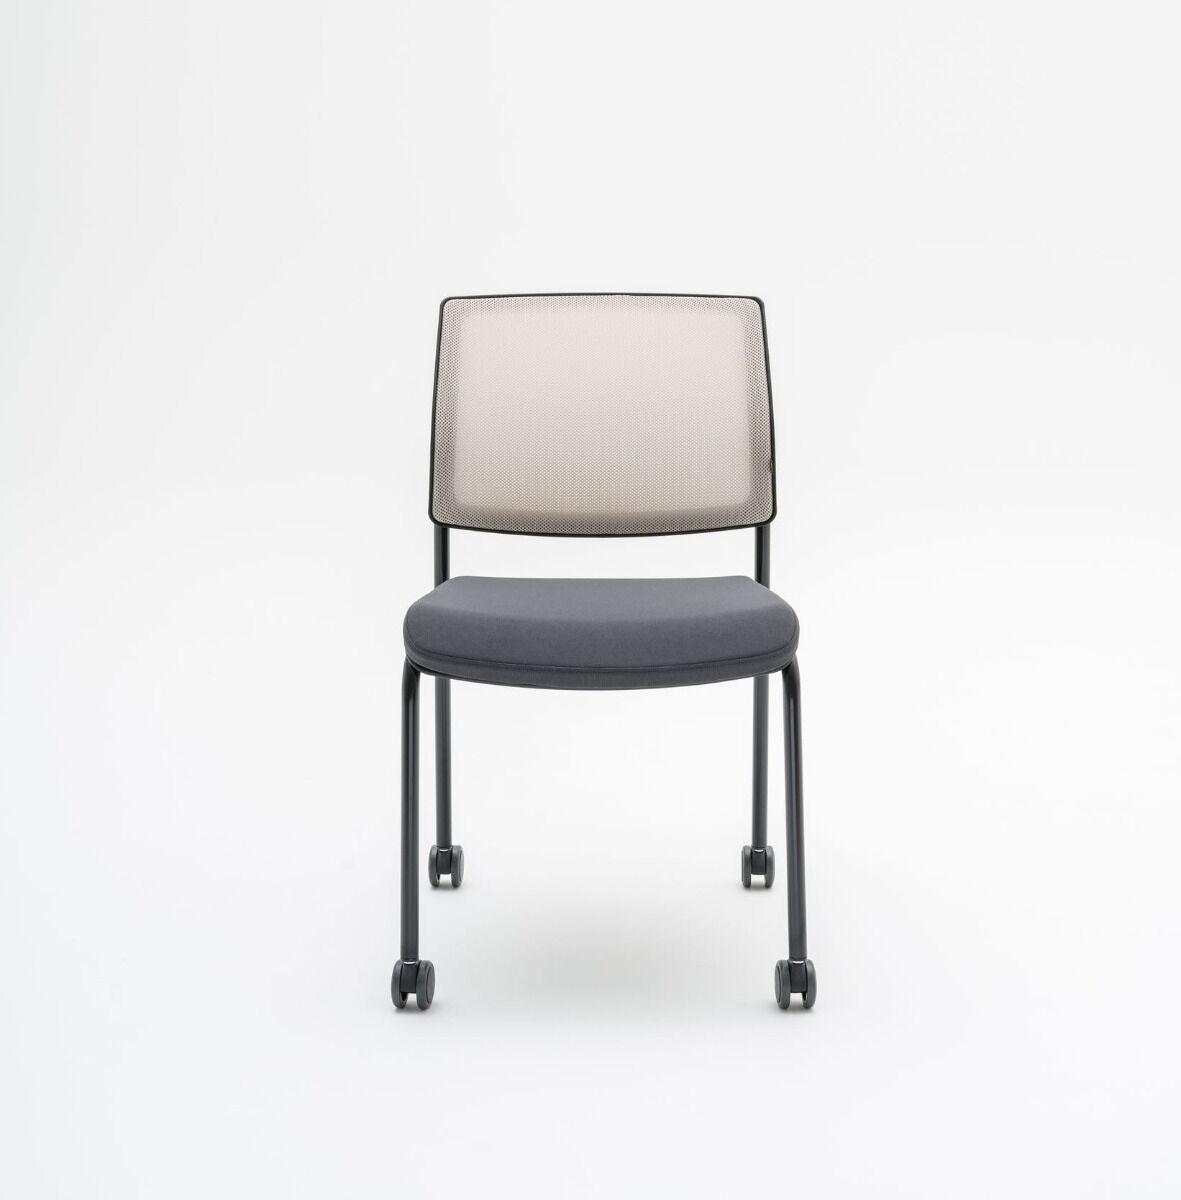 Gaya chair Fabric:  Atlantic, Runner Colour:  A60025, R61128 Base colour:  M115